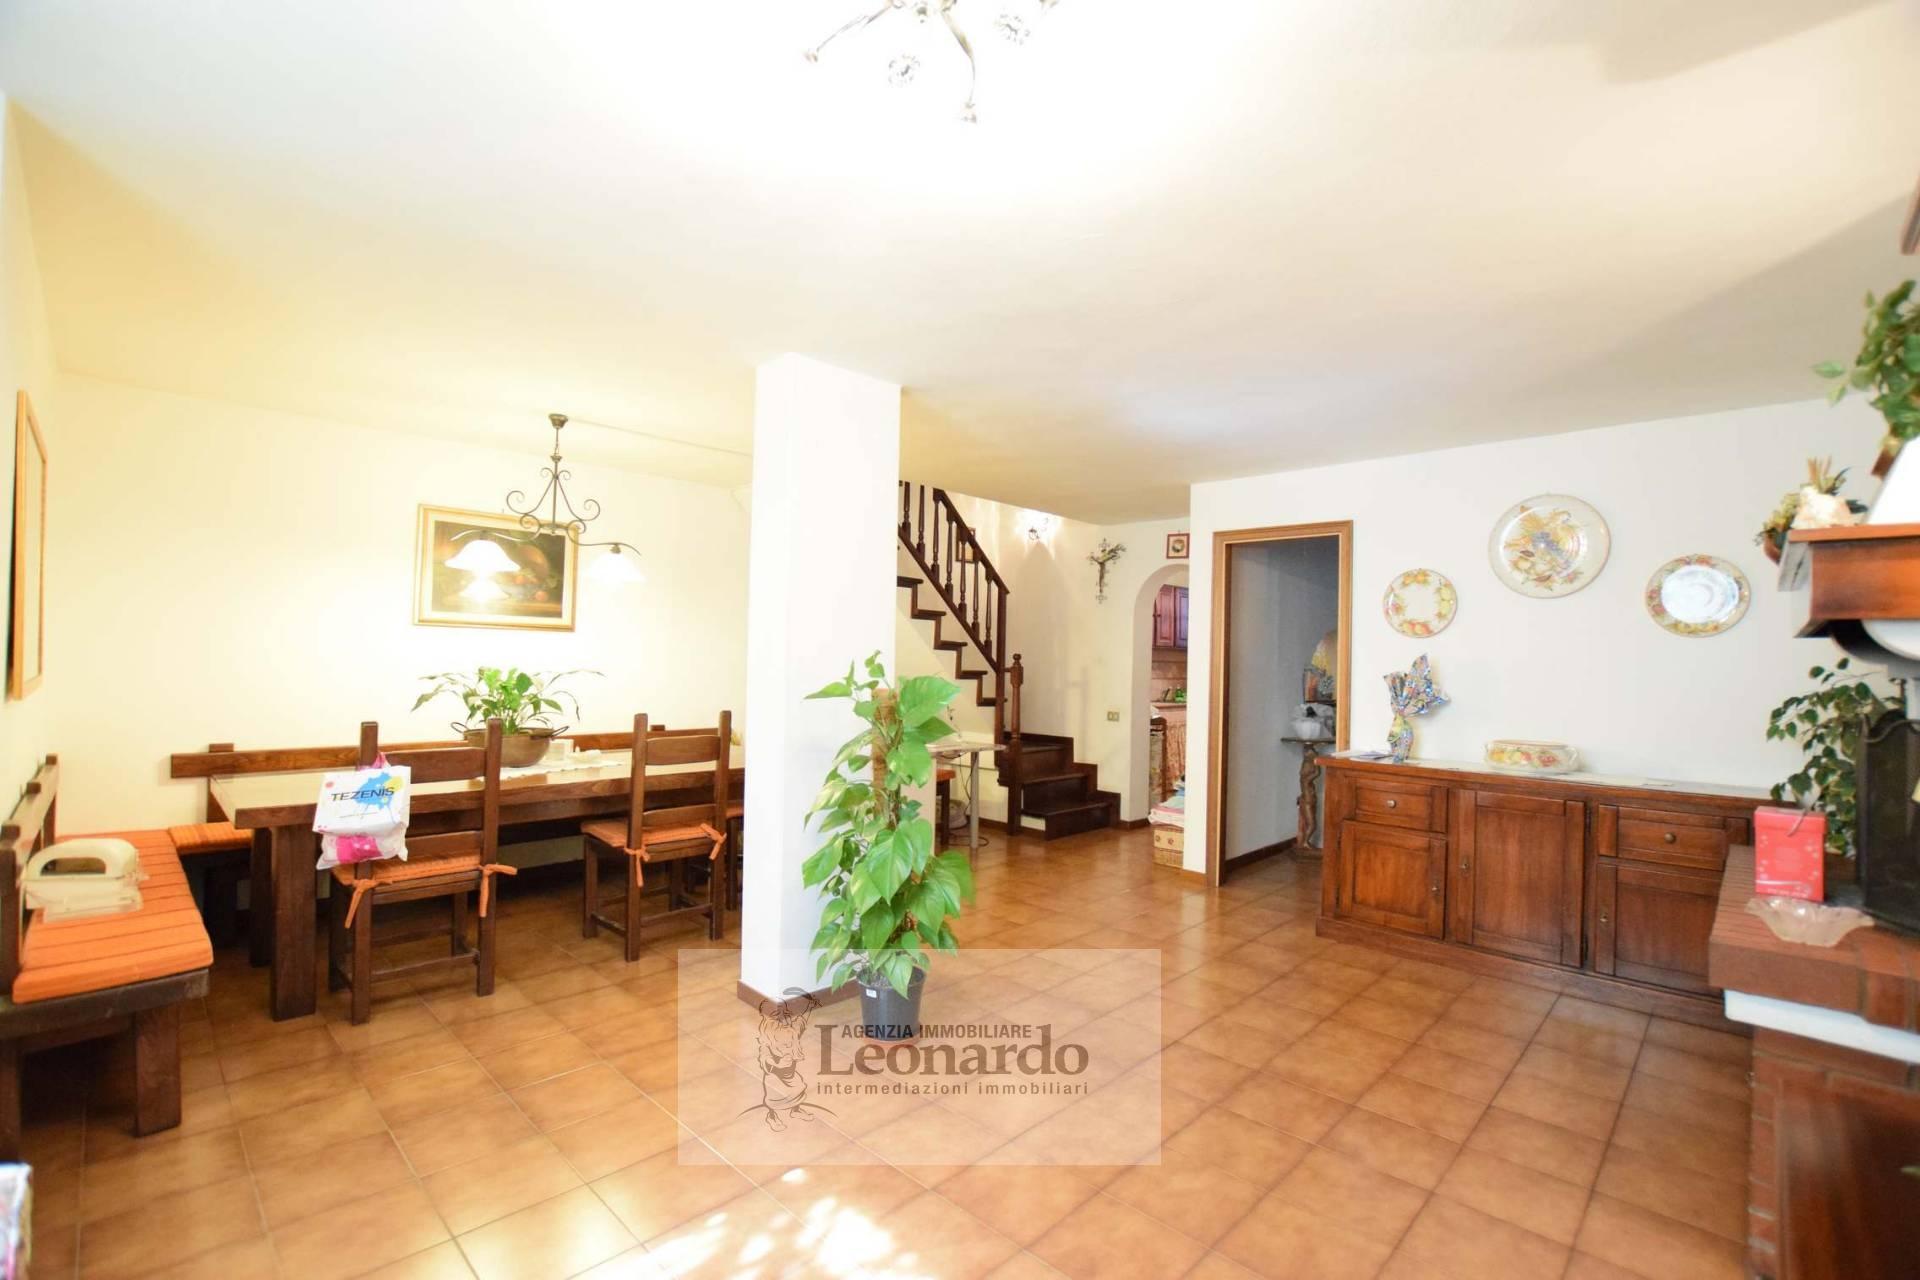 Annunci immobiliari inserzionista agenzia immobiliare leonardo di viareggio - Leonardo immobiliare ...